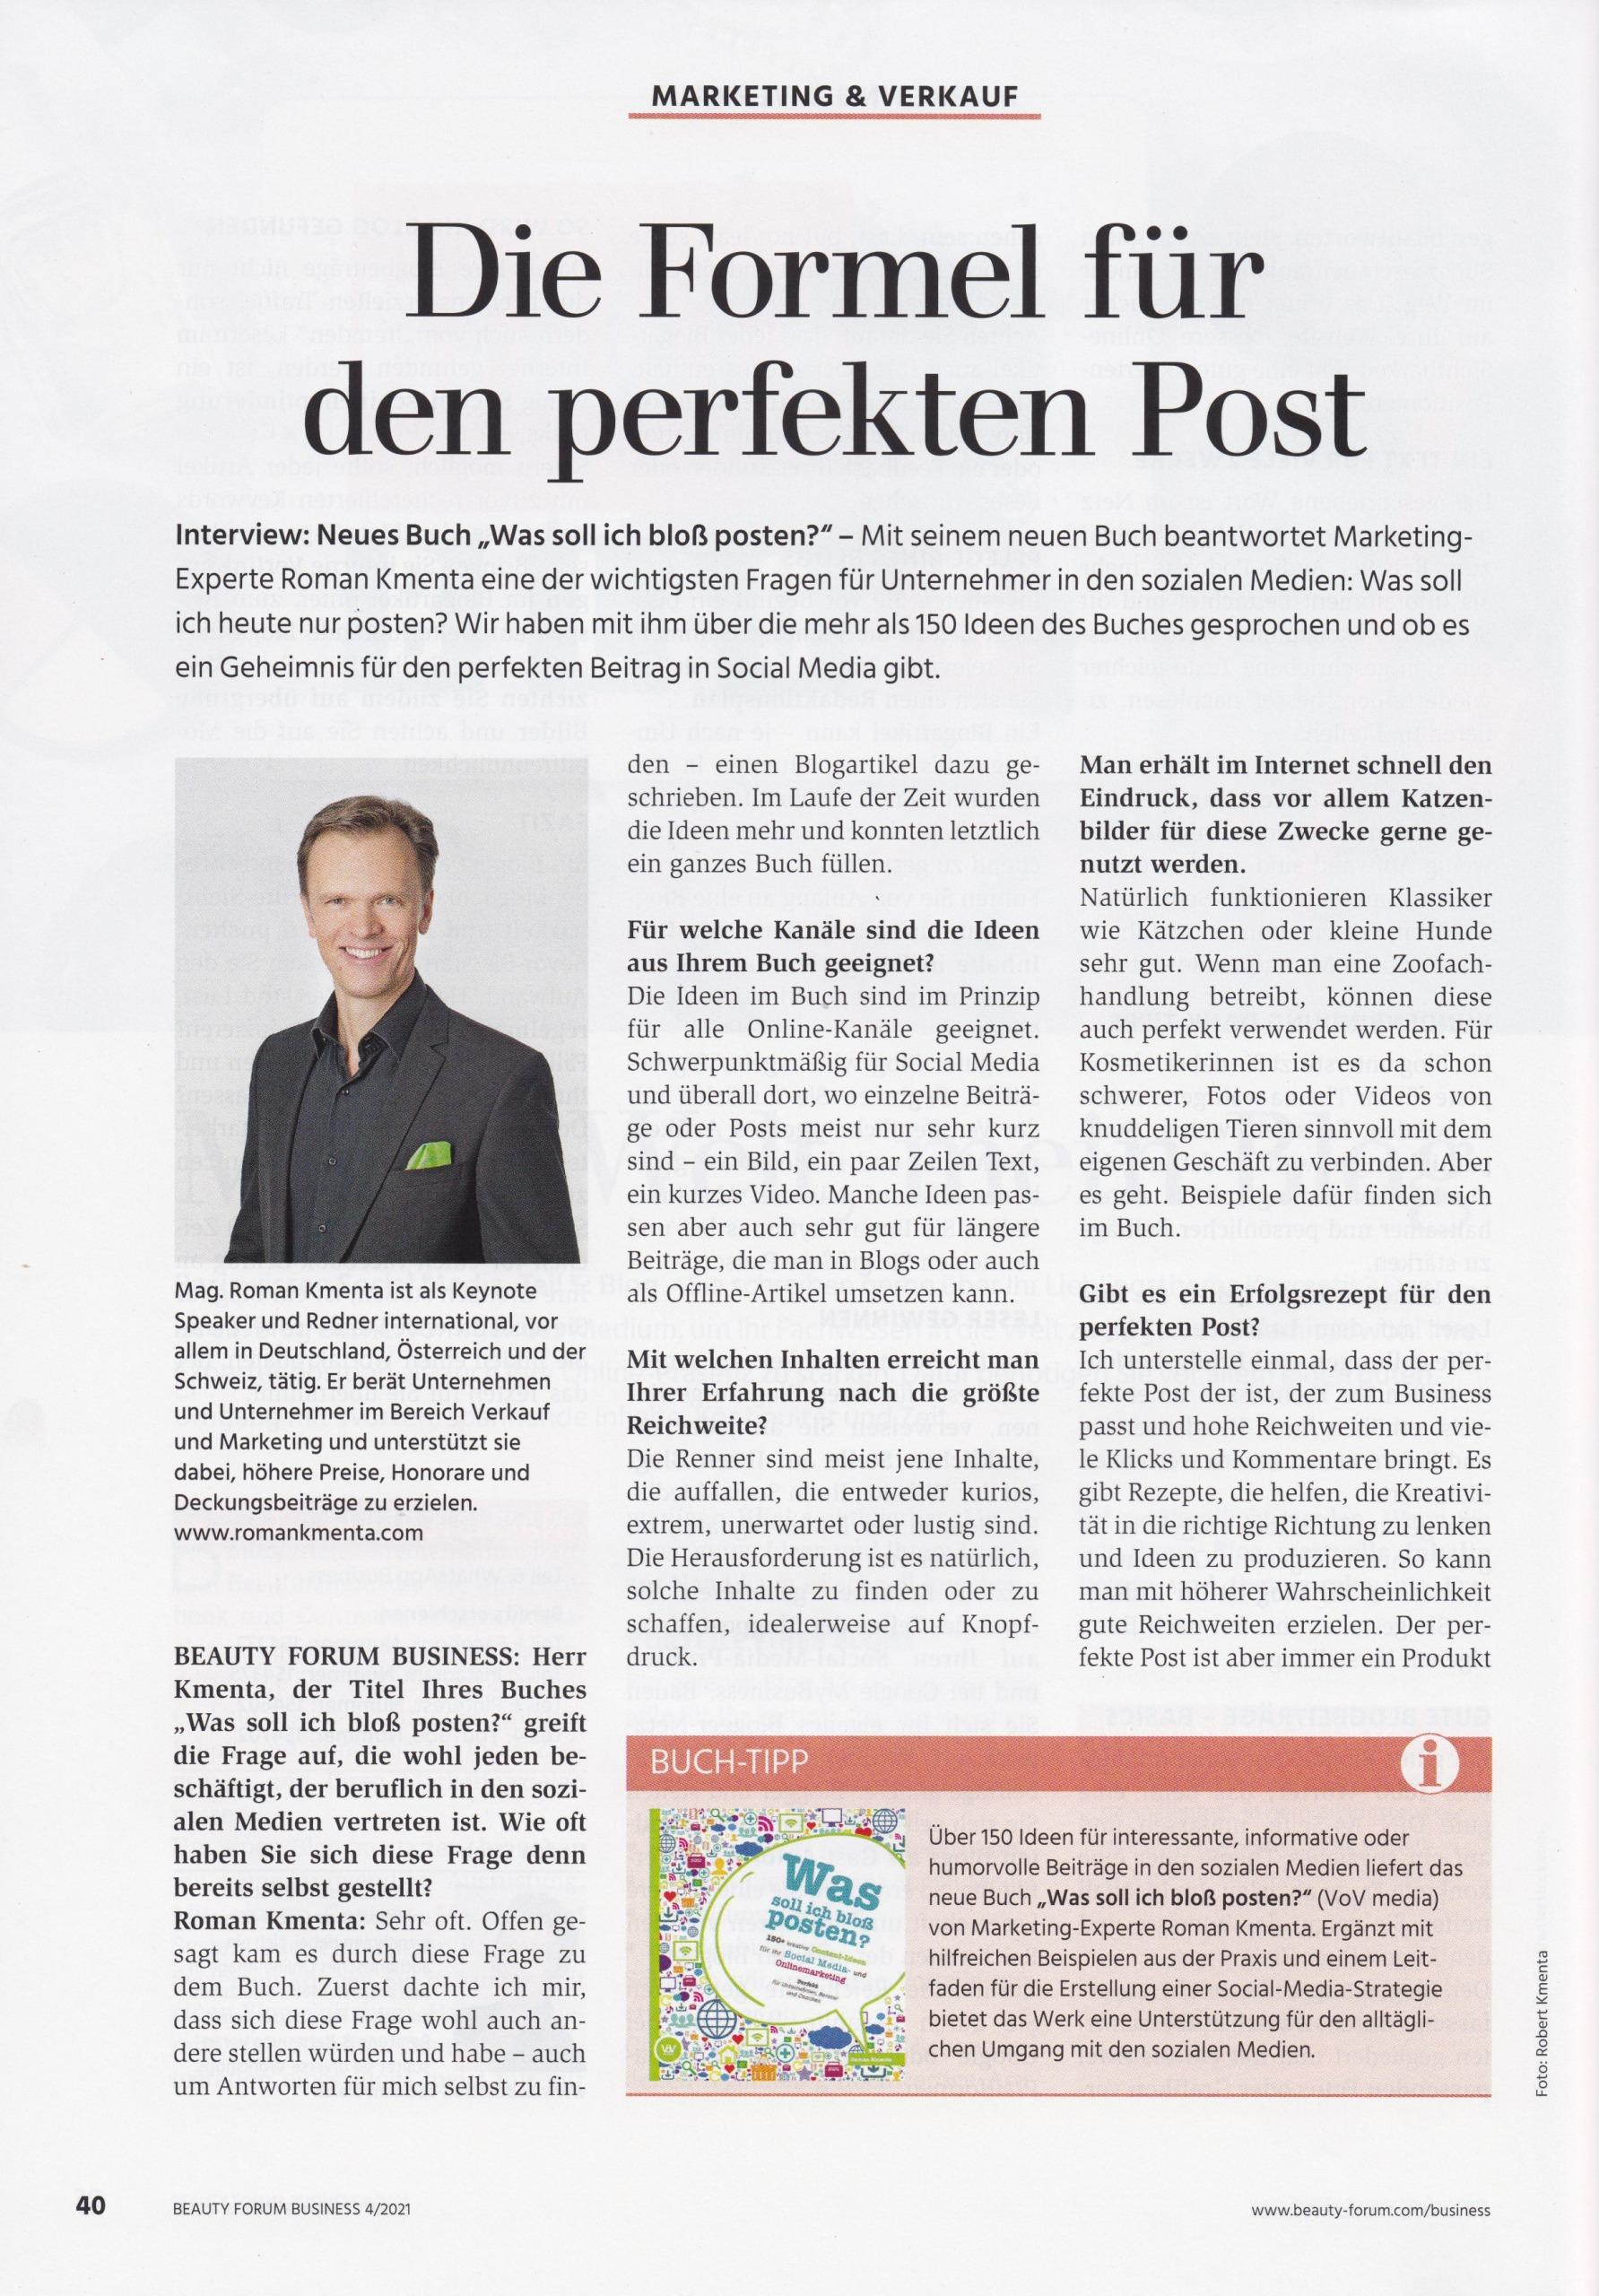 Beauty Forum Business - 04-21 - 1 - Mag. Roman Kmenta - Autor und Vortragsredner